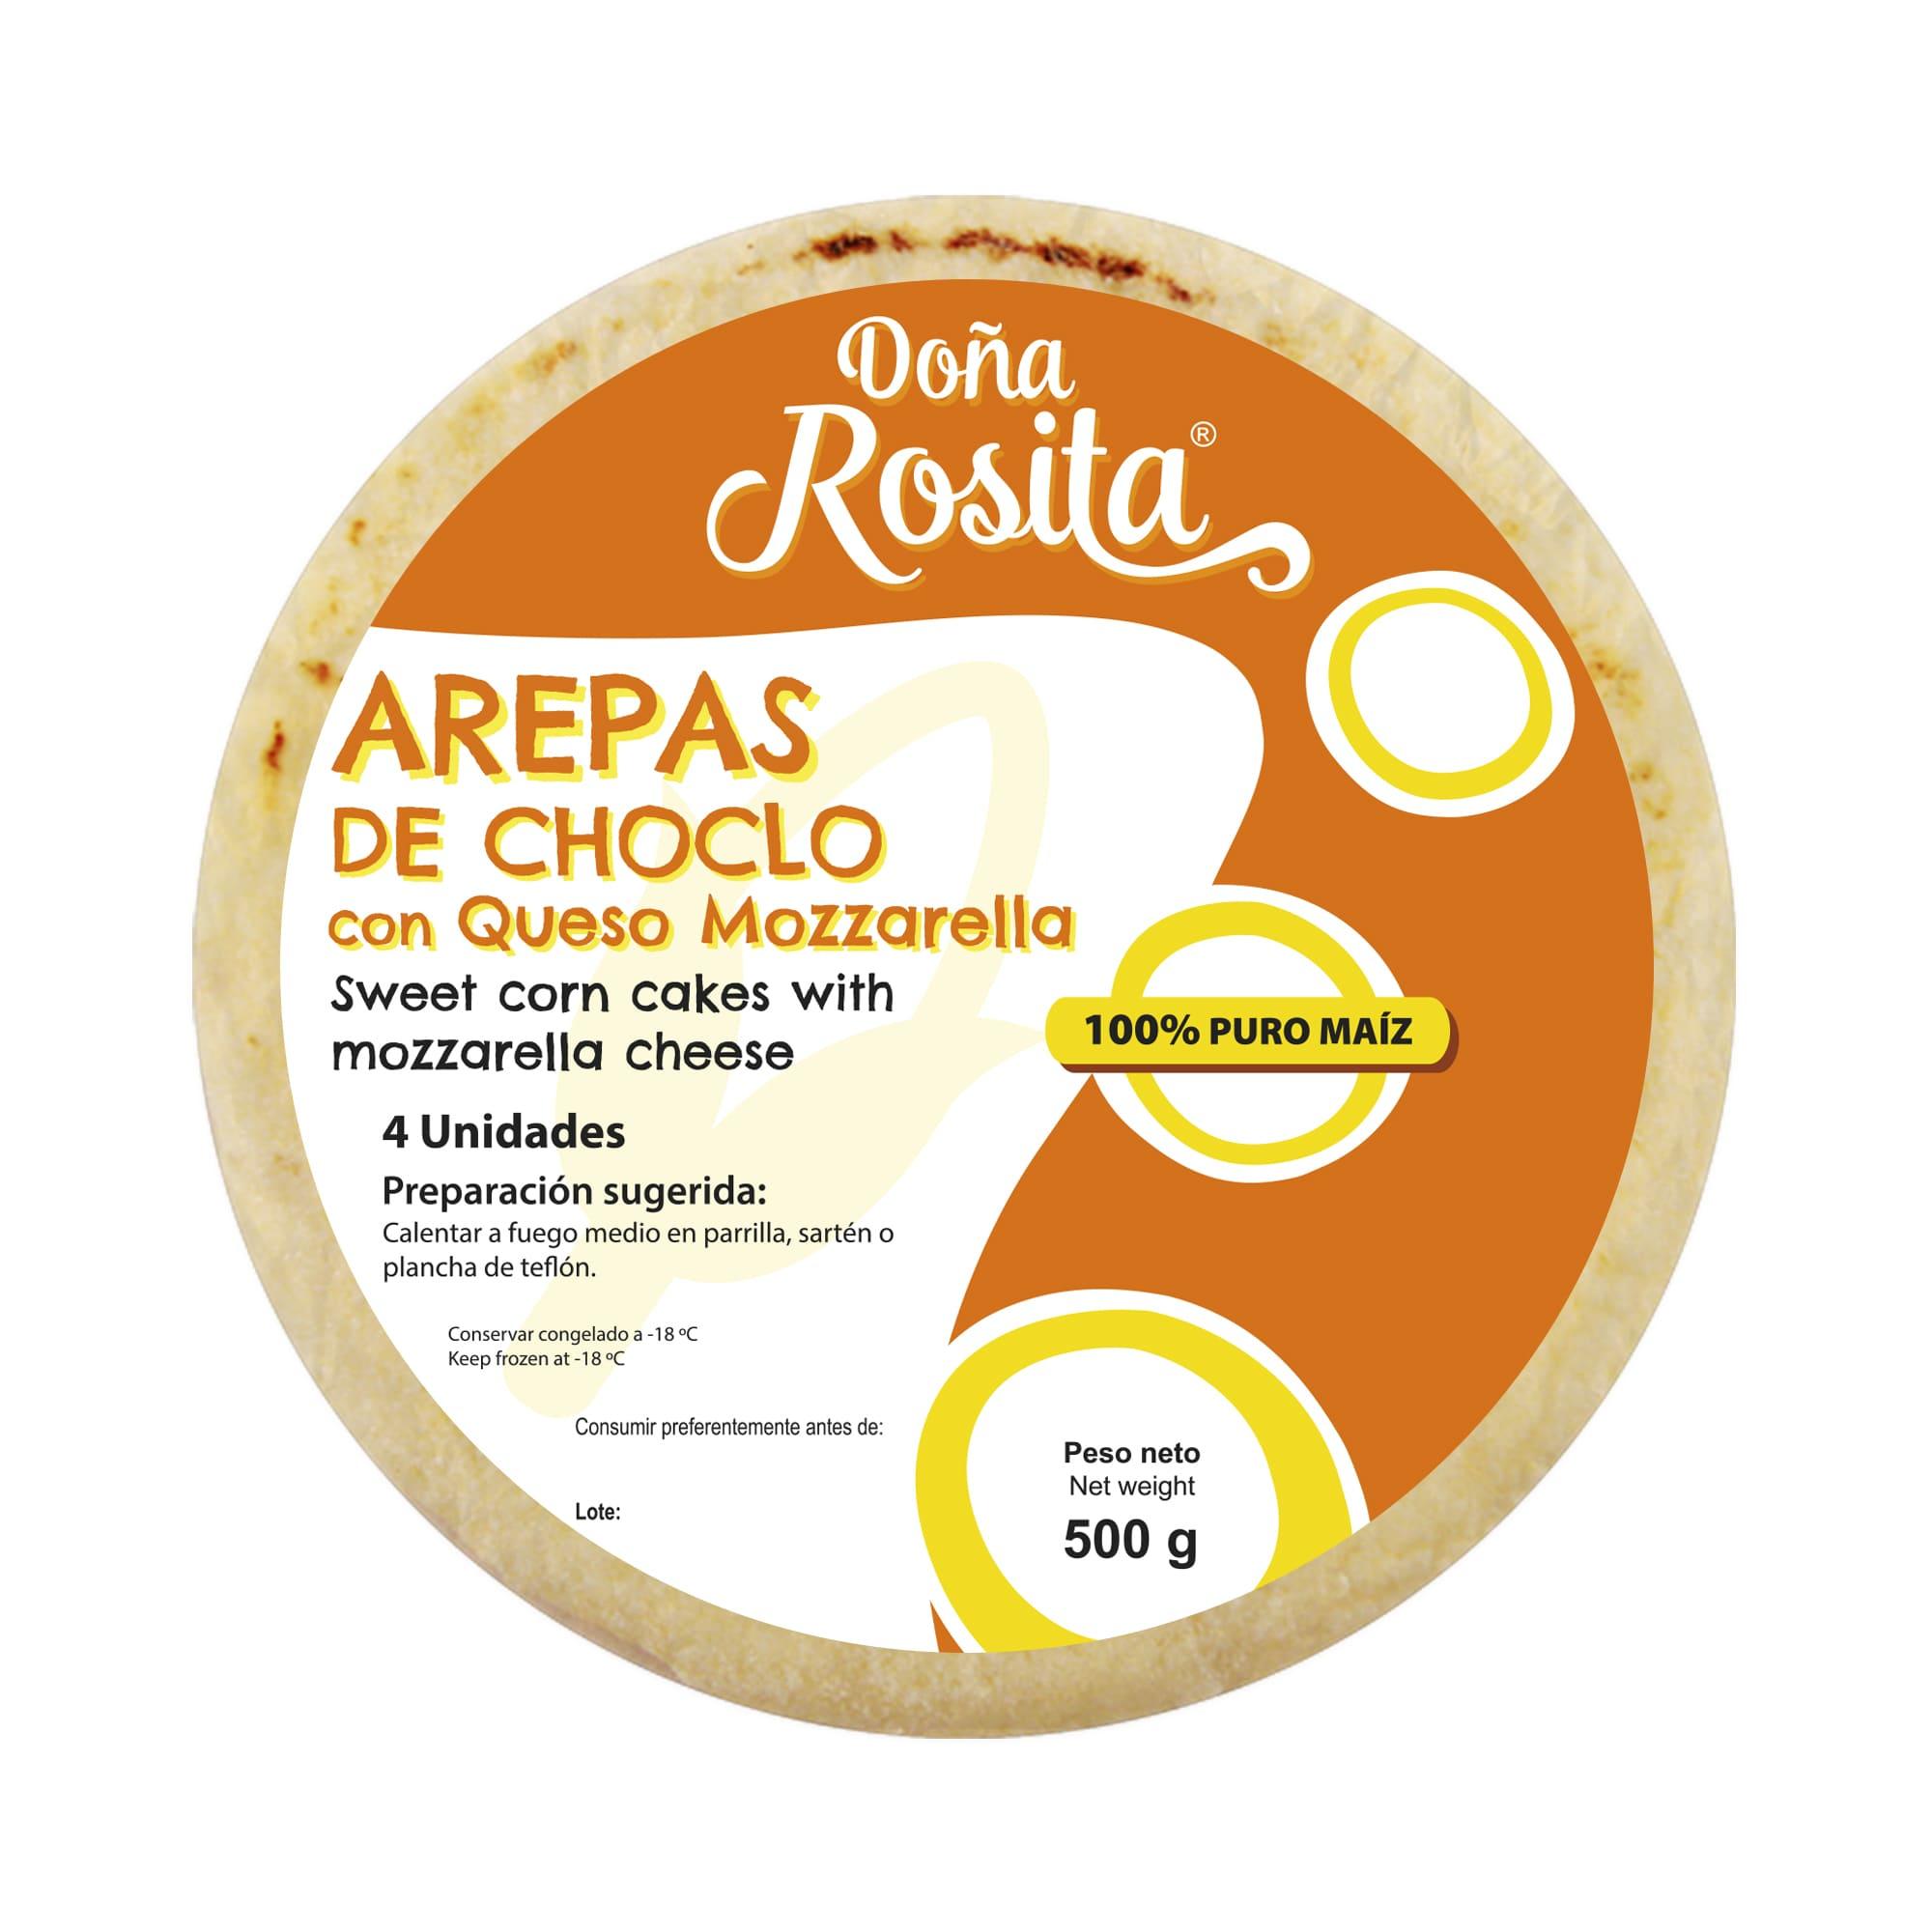 CAR003_arepas_de_choclo_con_queso_mozzarella_500g